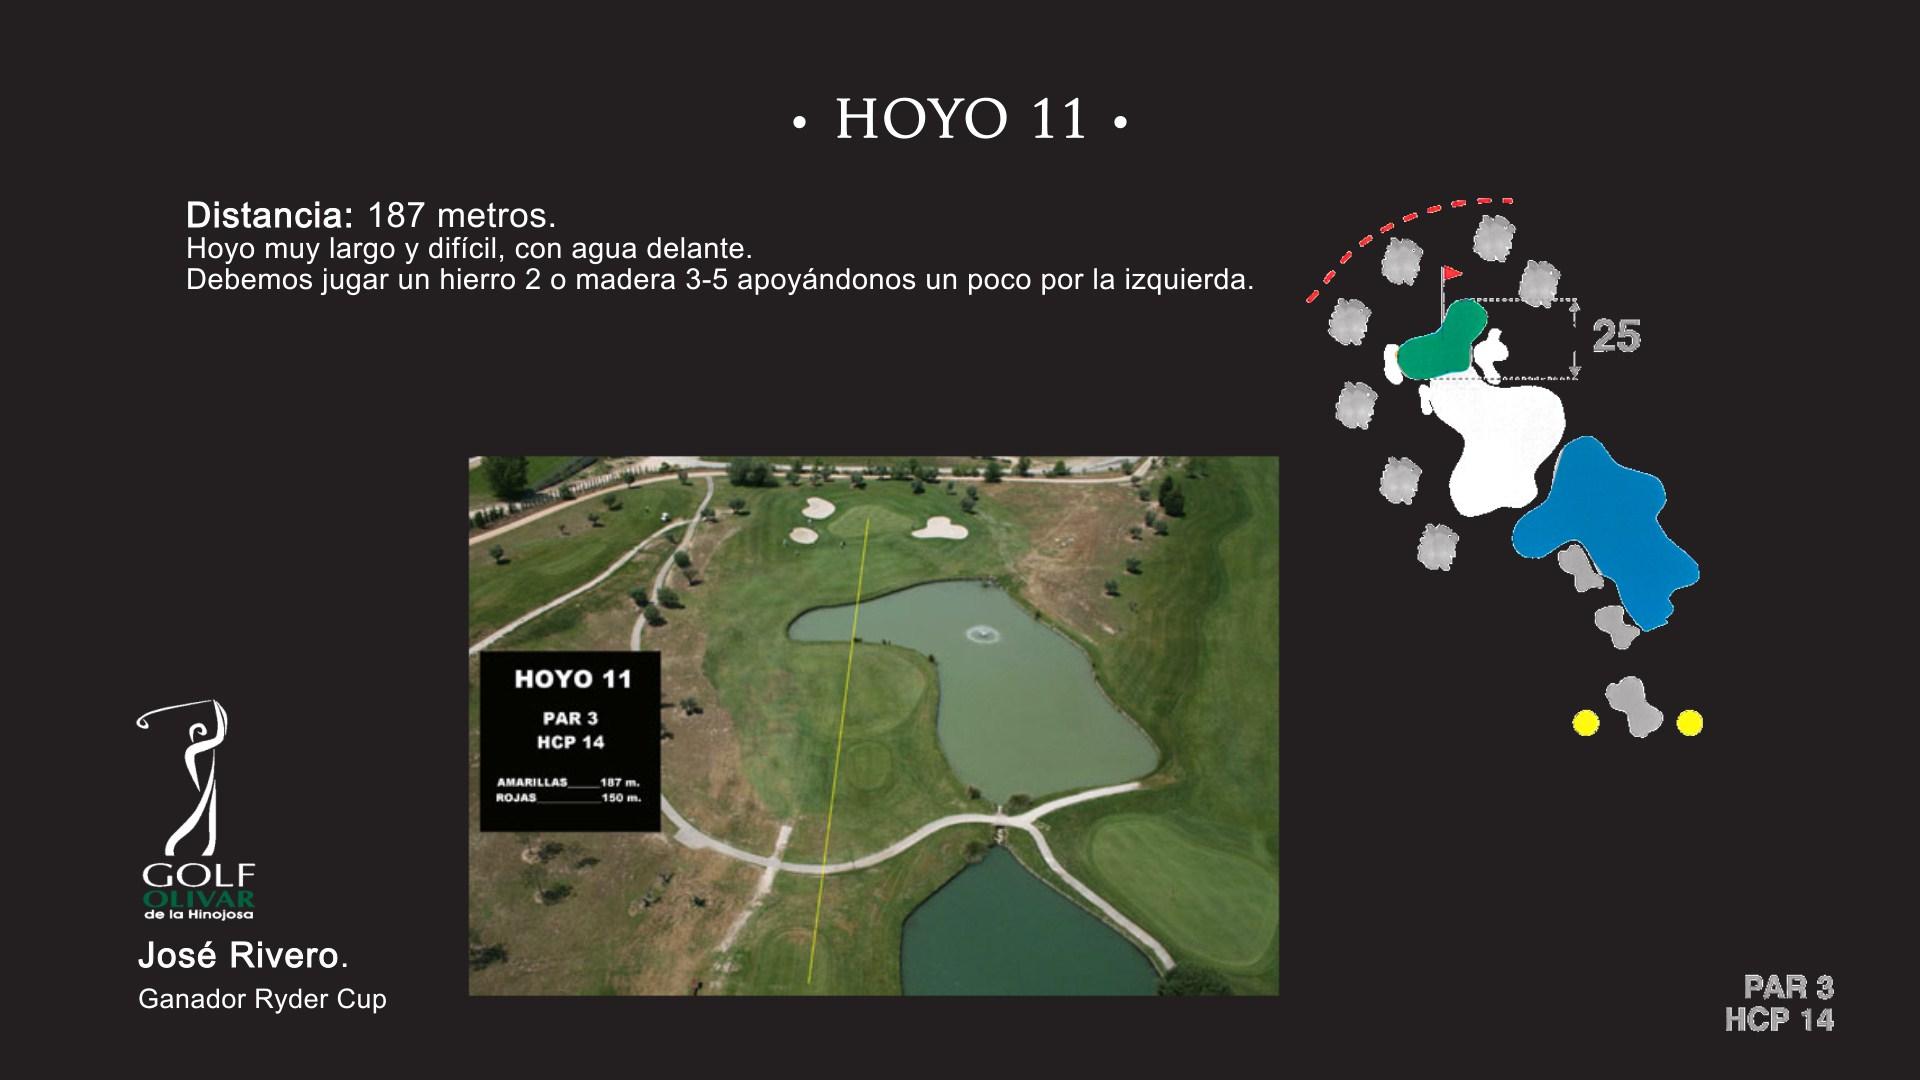 Hoyo 11 Olivar de la Hinojosa